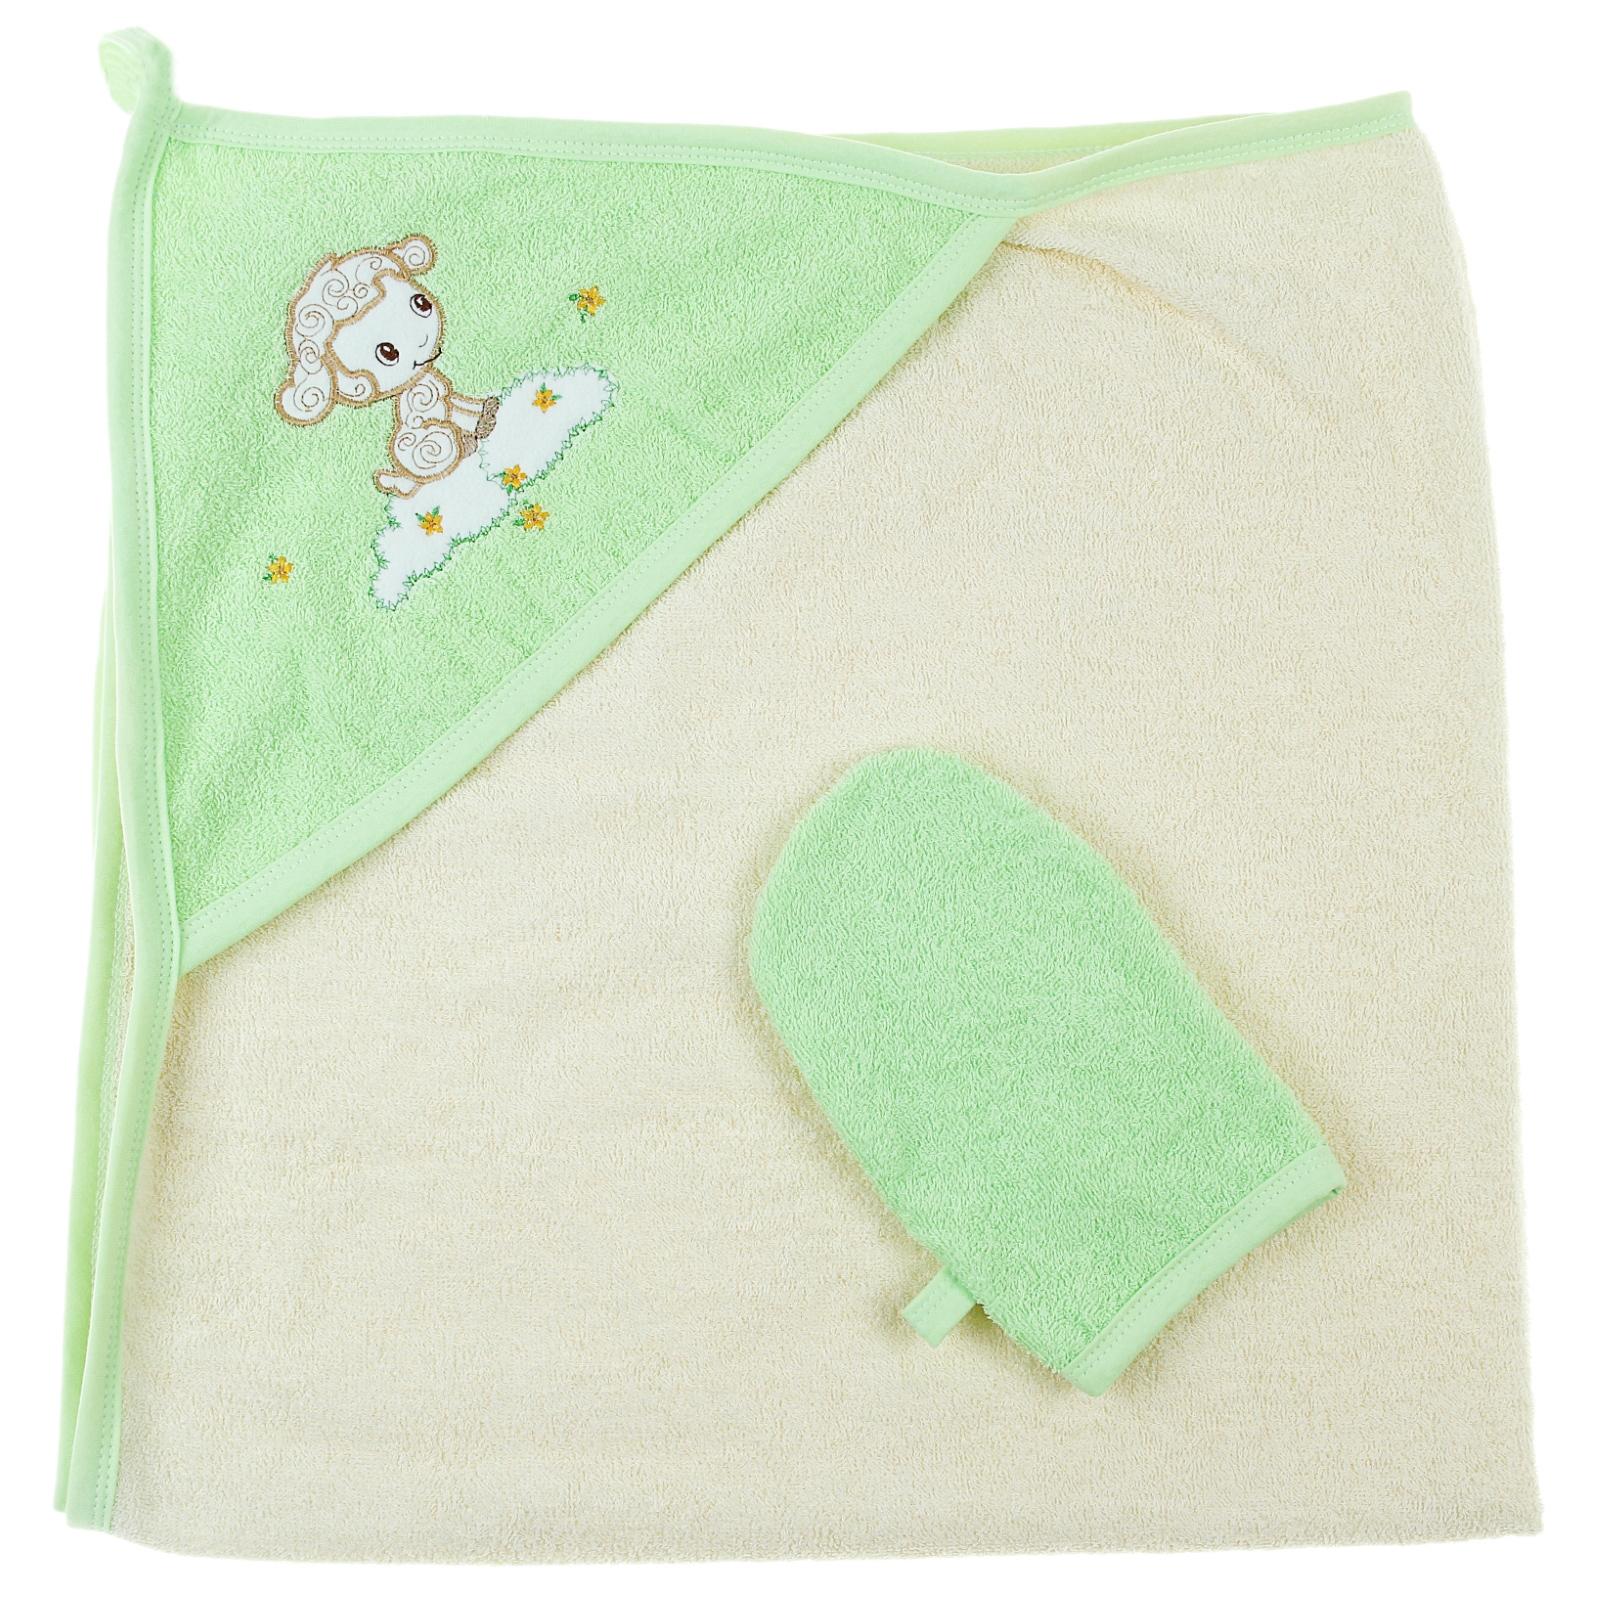 Пеленка-полотенце с варежкой – Веселые овечки, желтыйПолотенца и халаты<br>Пеленка-полотенце с варежкой – Веселые овечки, желтый<br>